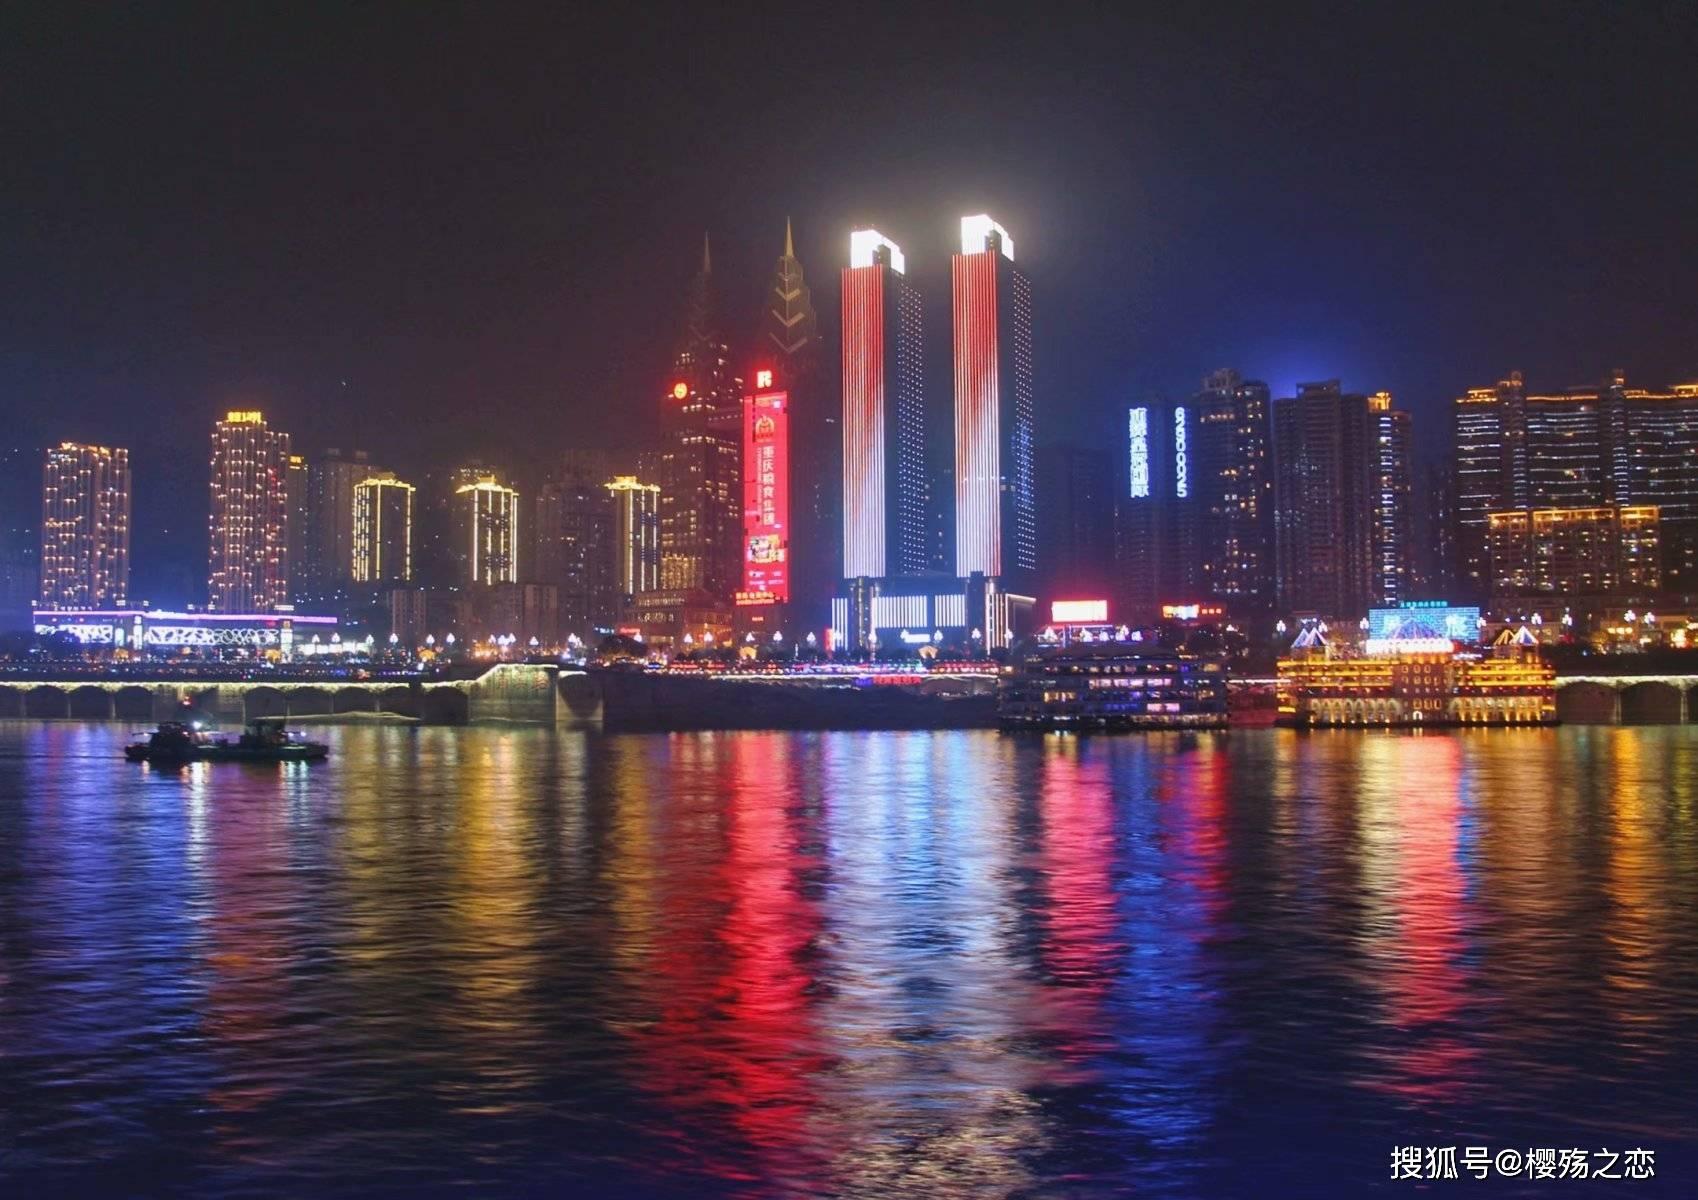 原创             中国共有6个省级市,其中3个是世界一线城市,2个是世界二线城市